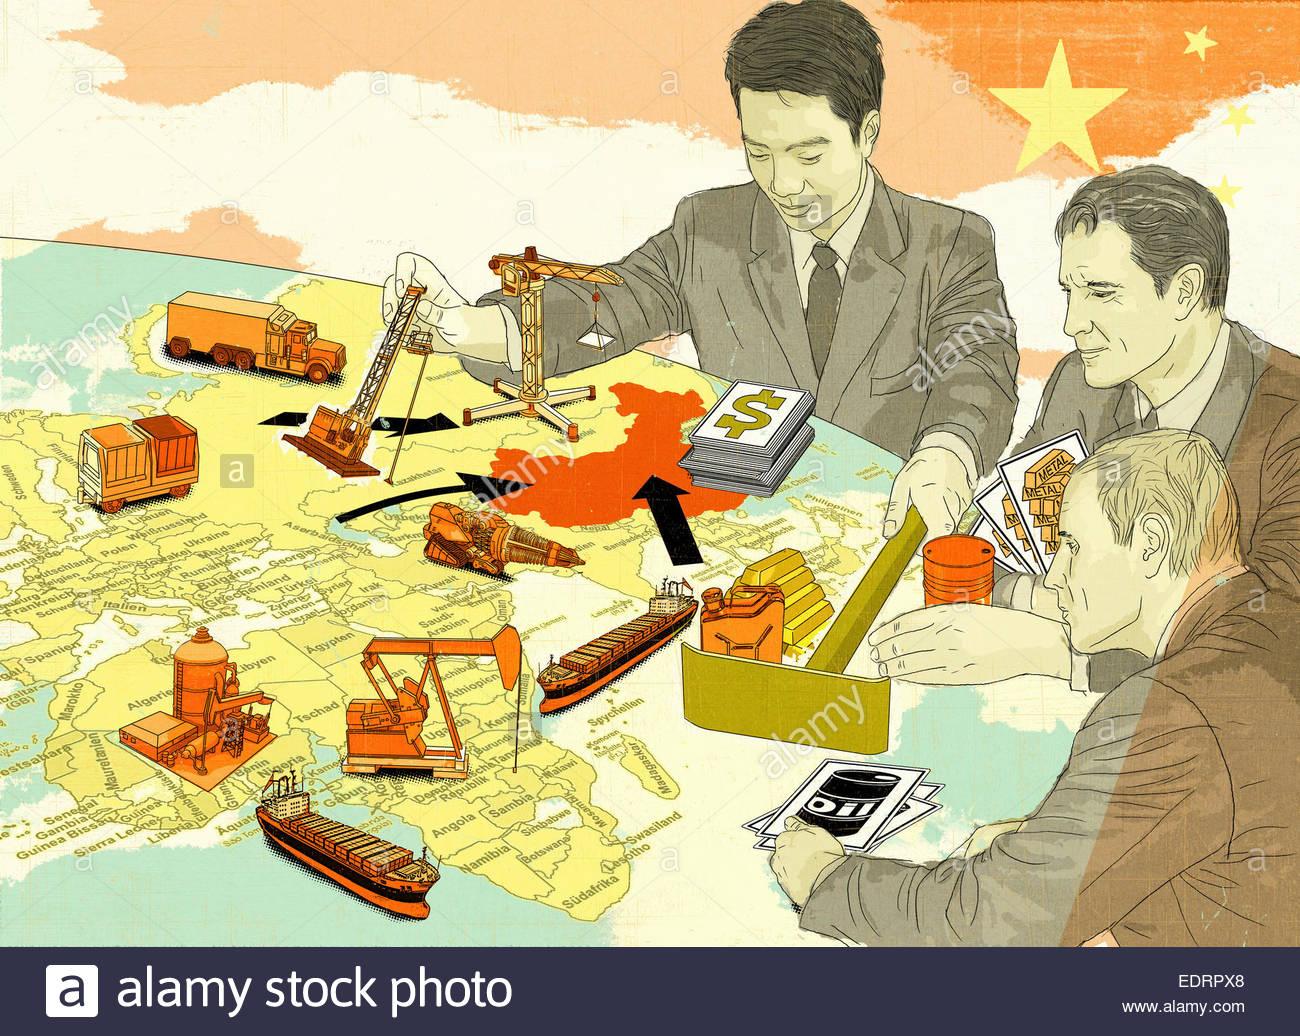 Cina dominando risorse naturali globali gioco Immagini Stock